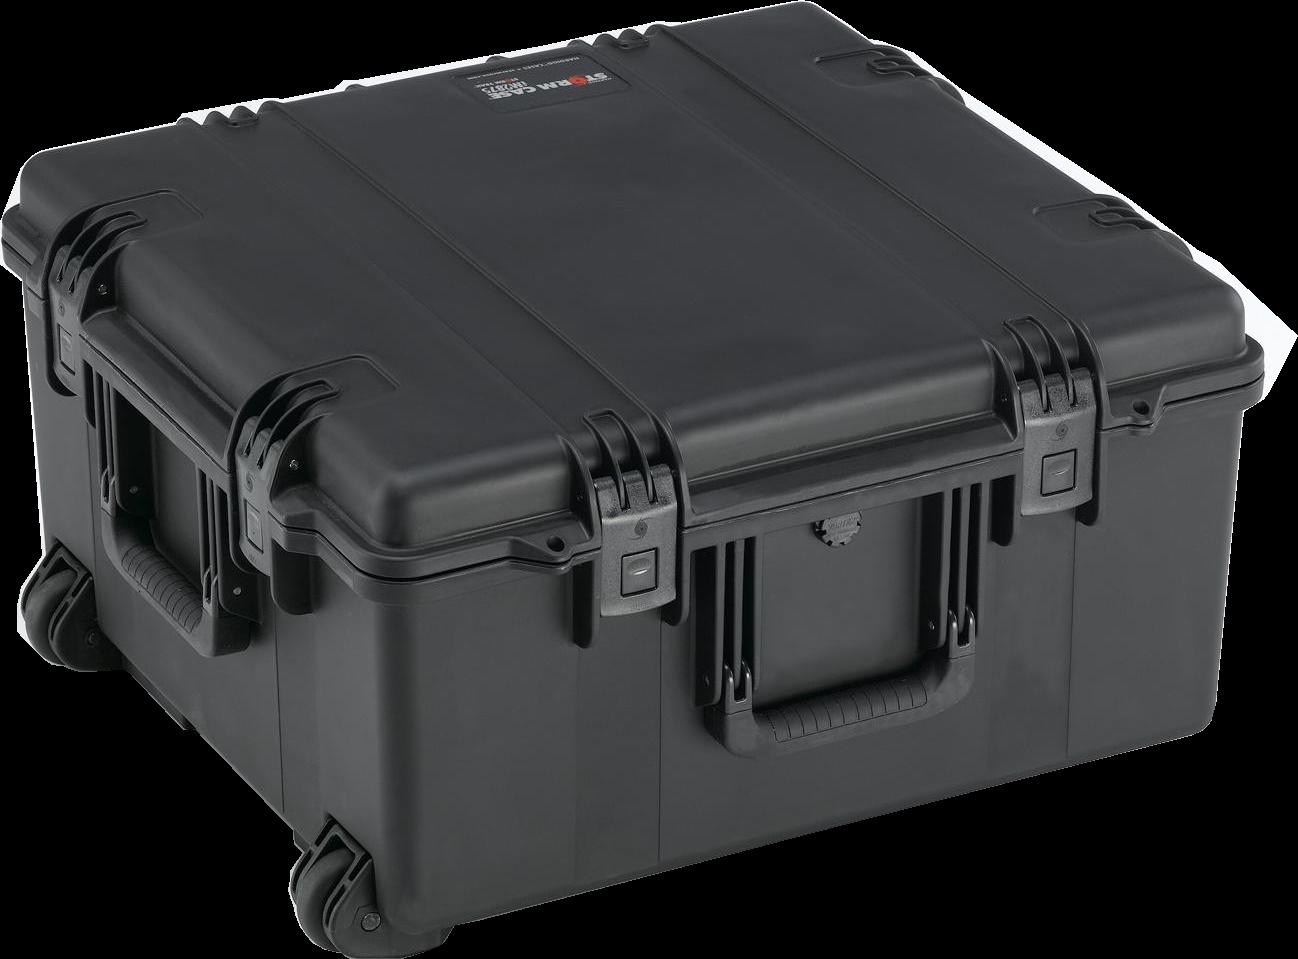 Pelican Case PC2875 Ma in